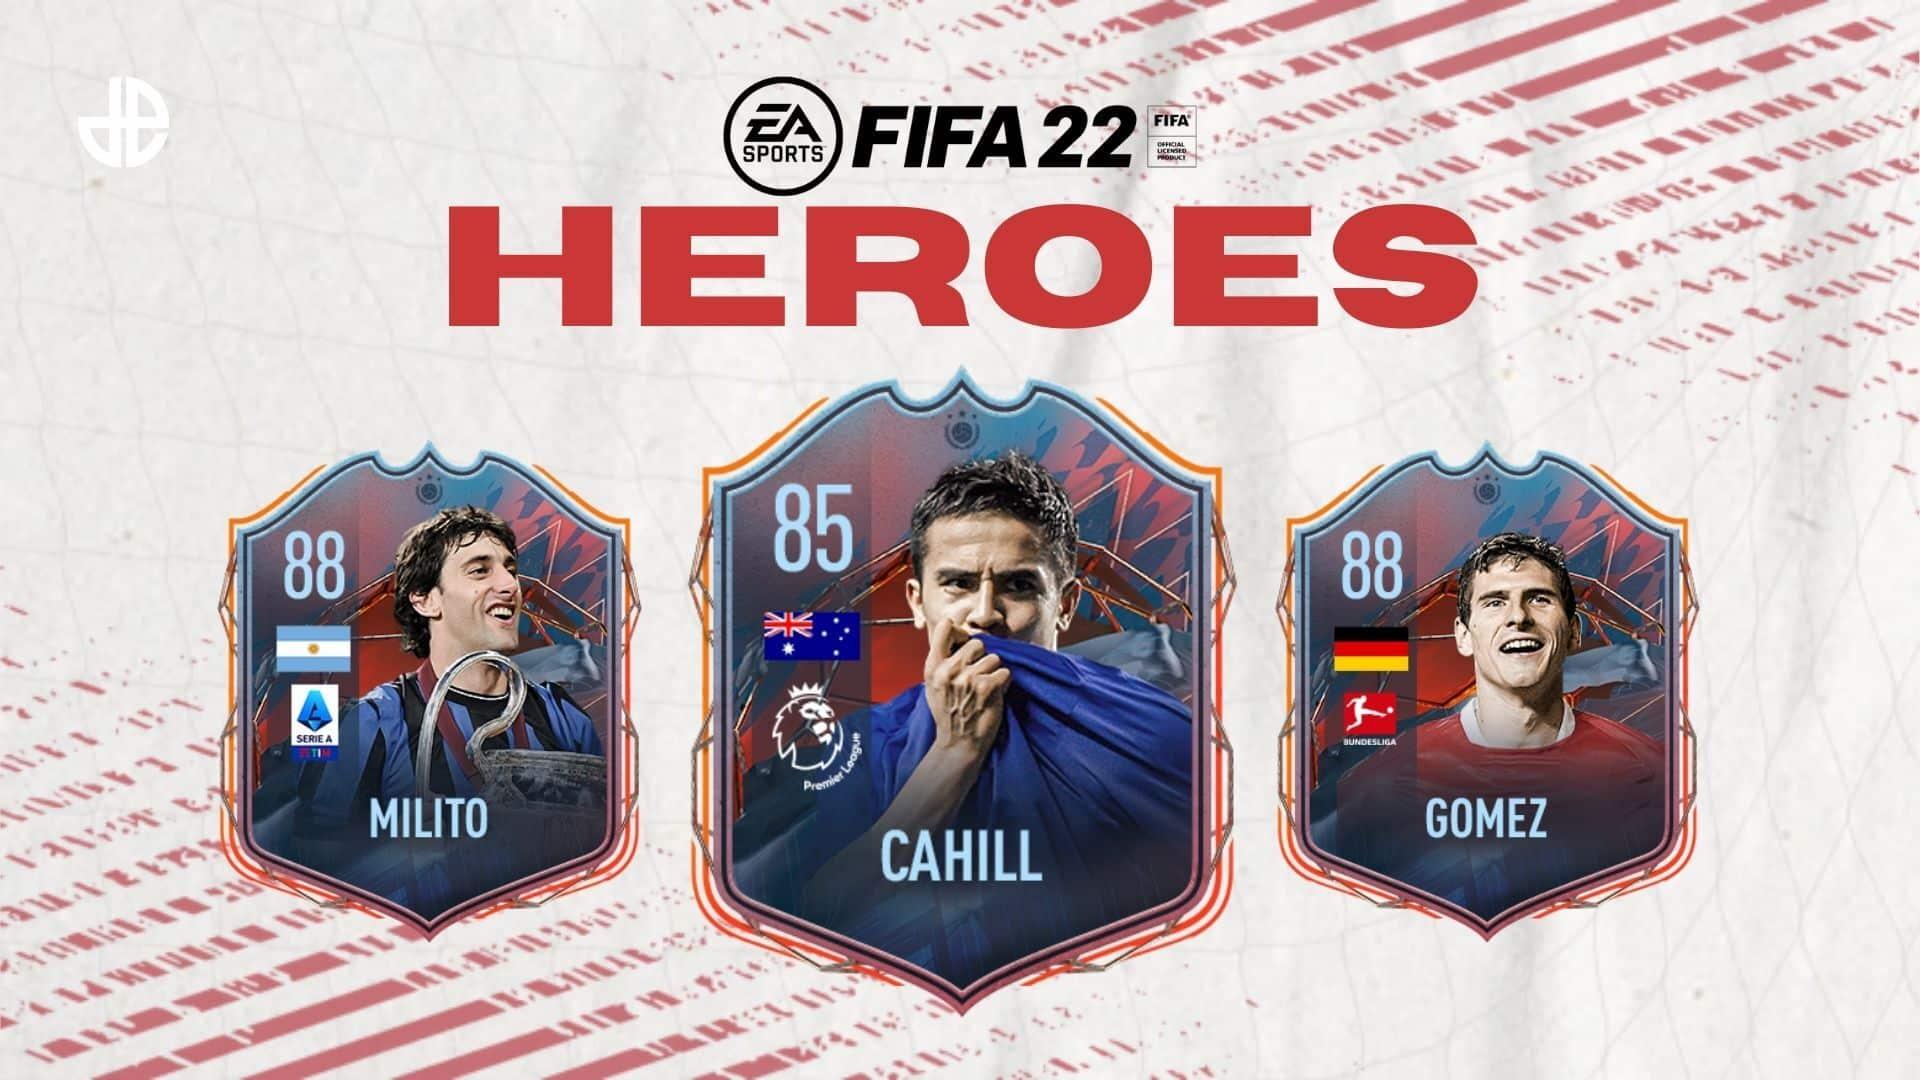 FUT heroes FIFA 22 Ultimate Team